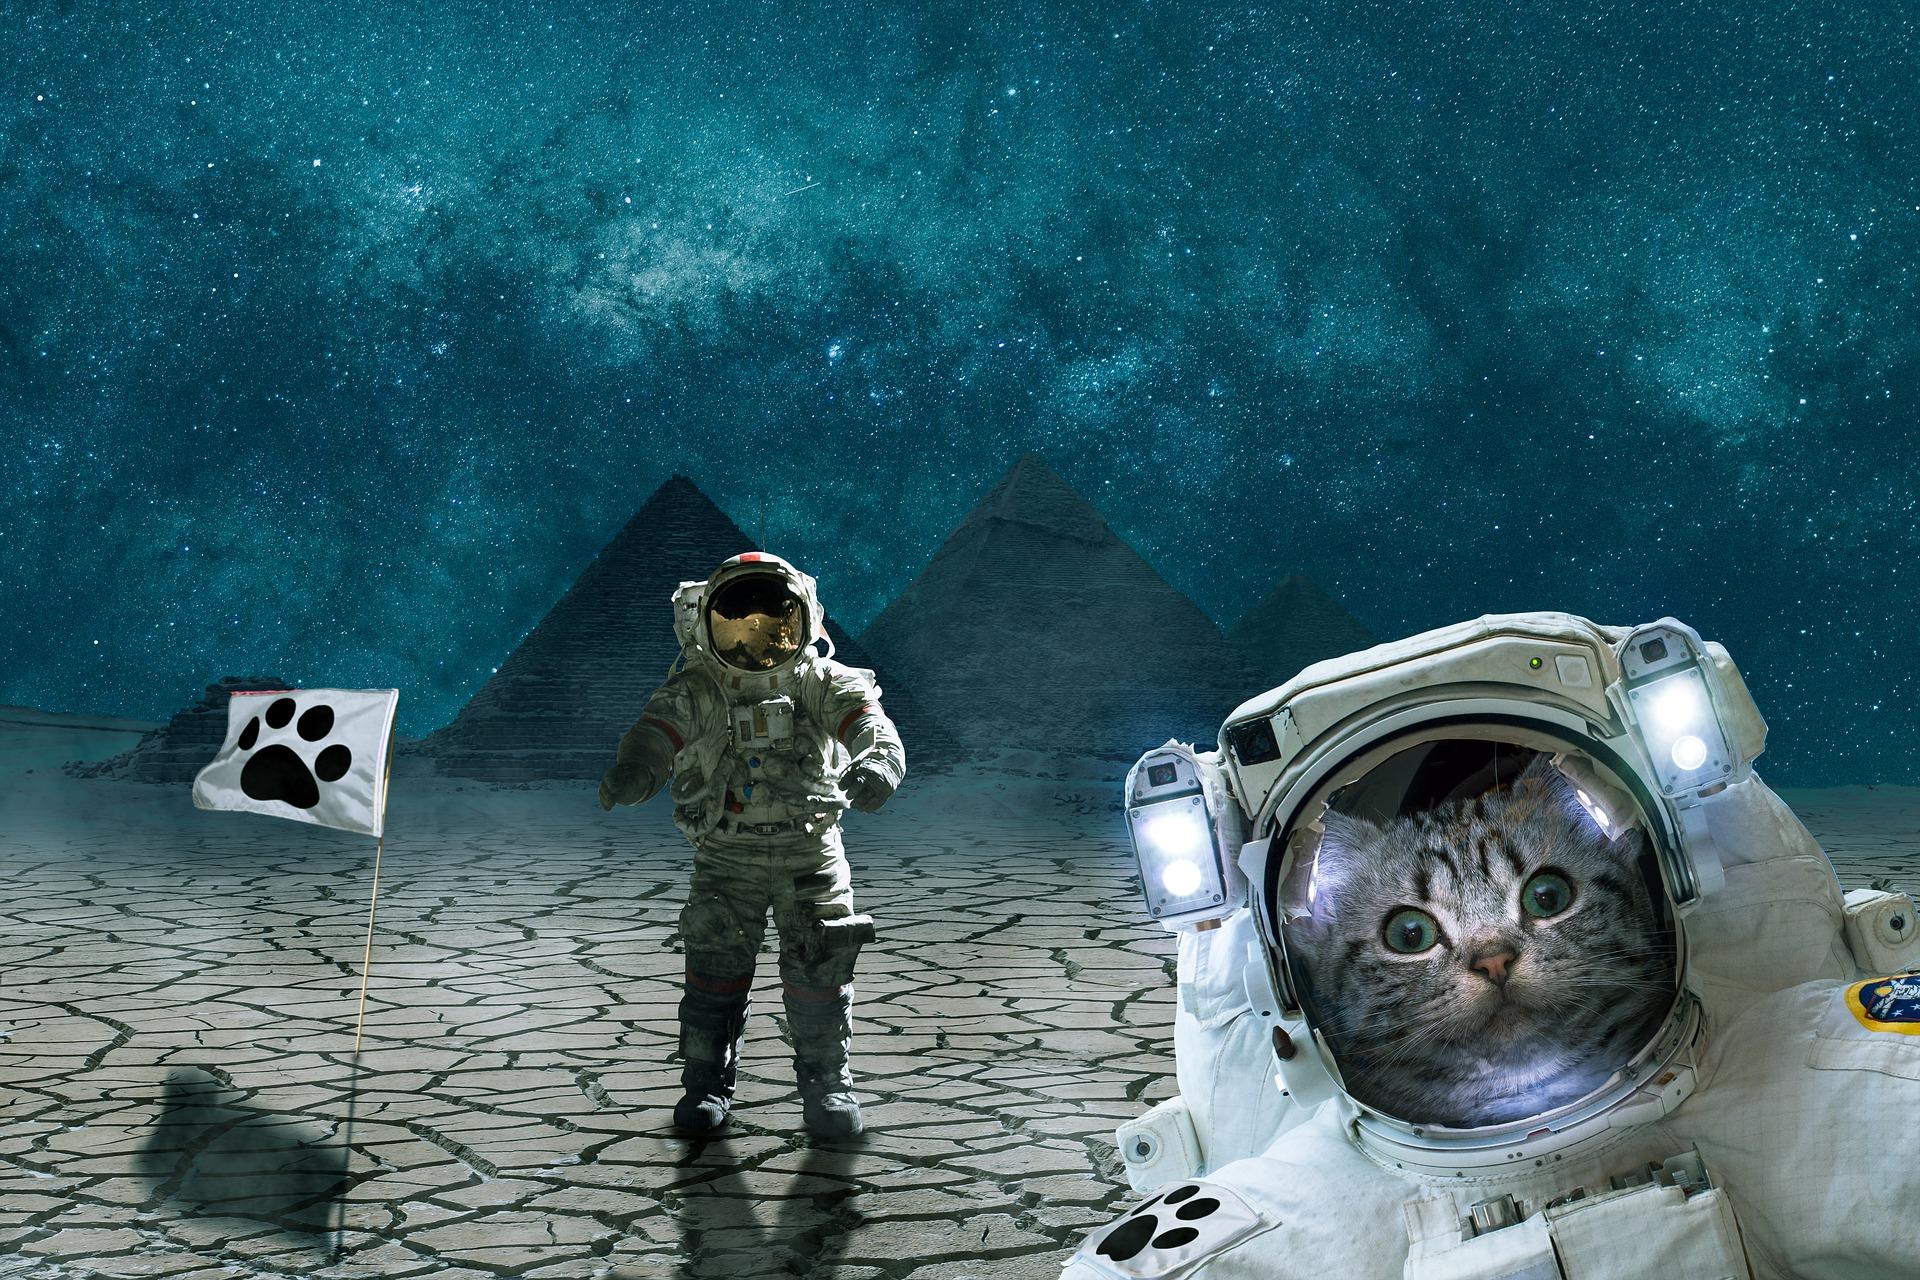 astronaut cat conquers space